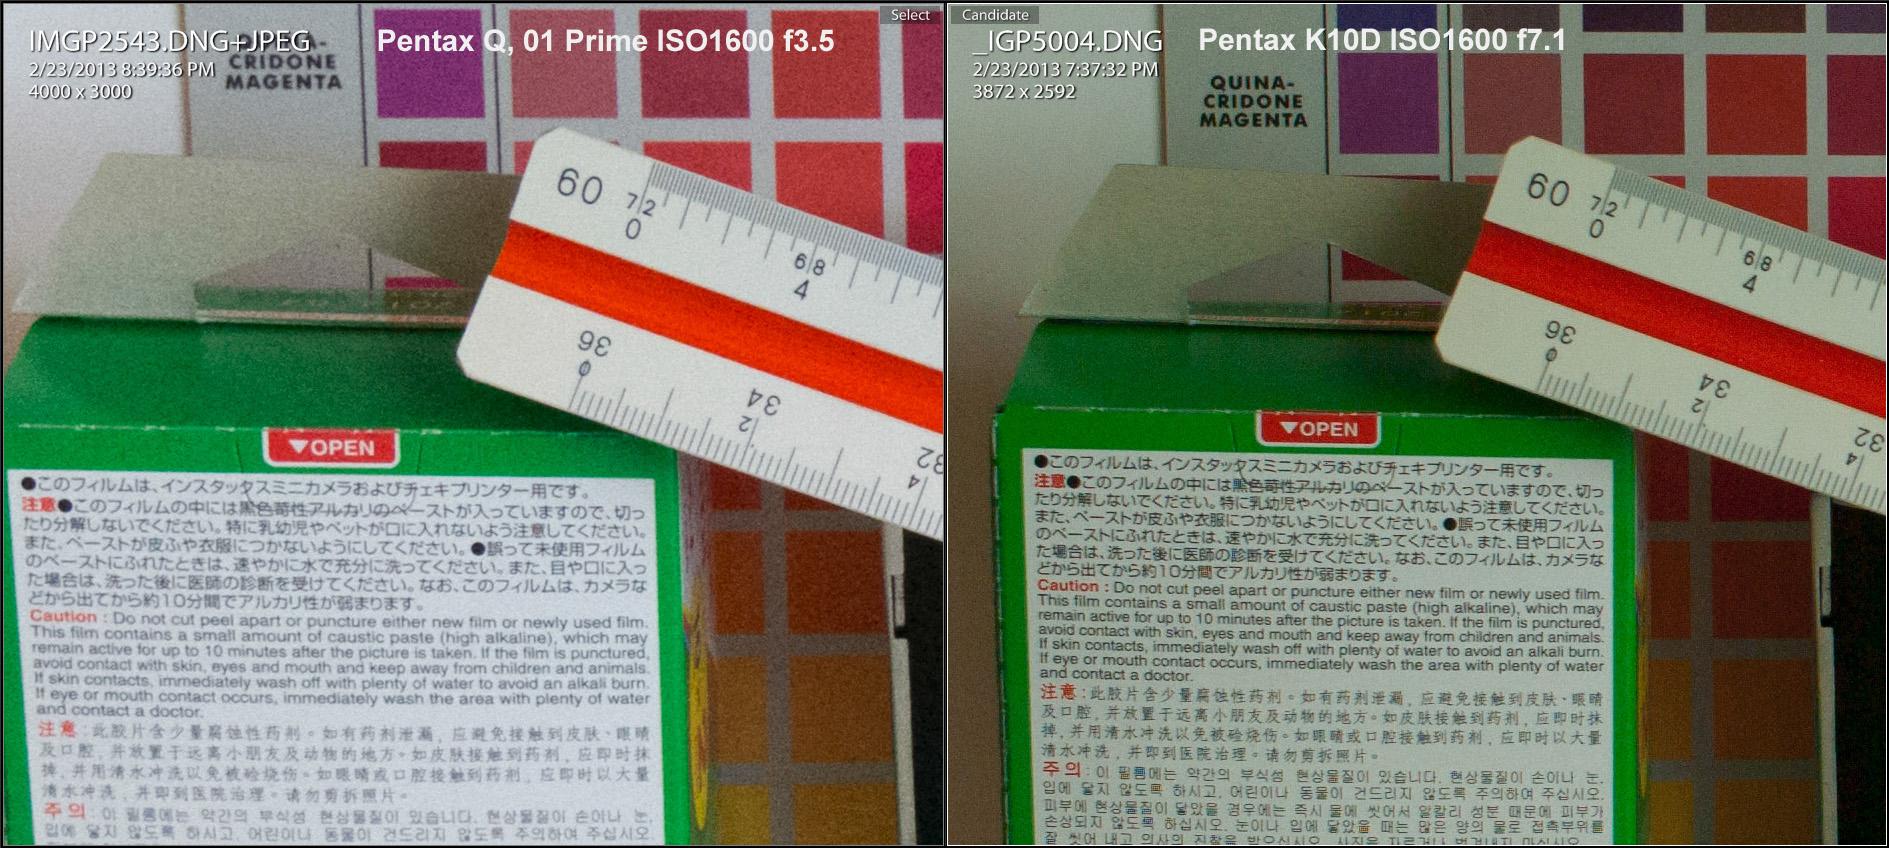 1600ISO_Q_vs_K10D